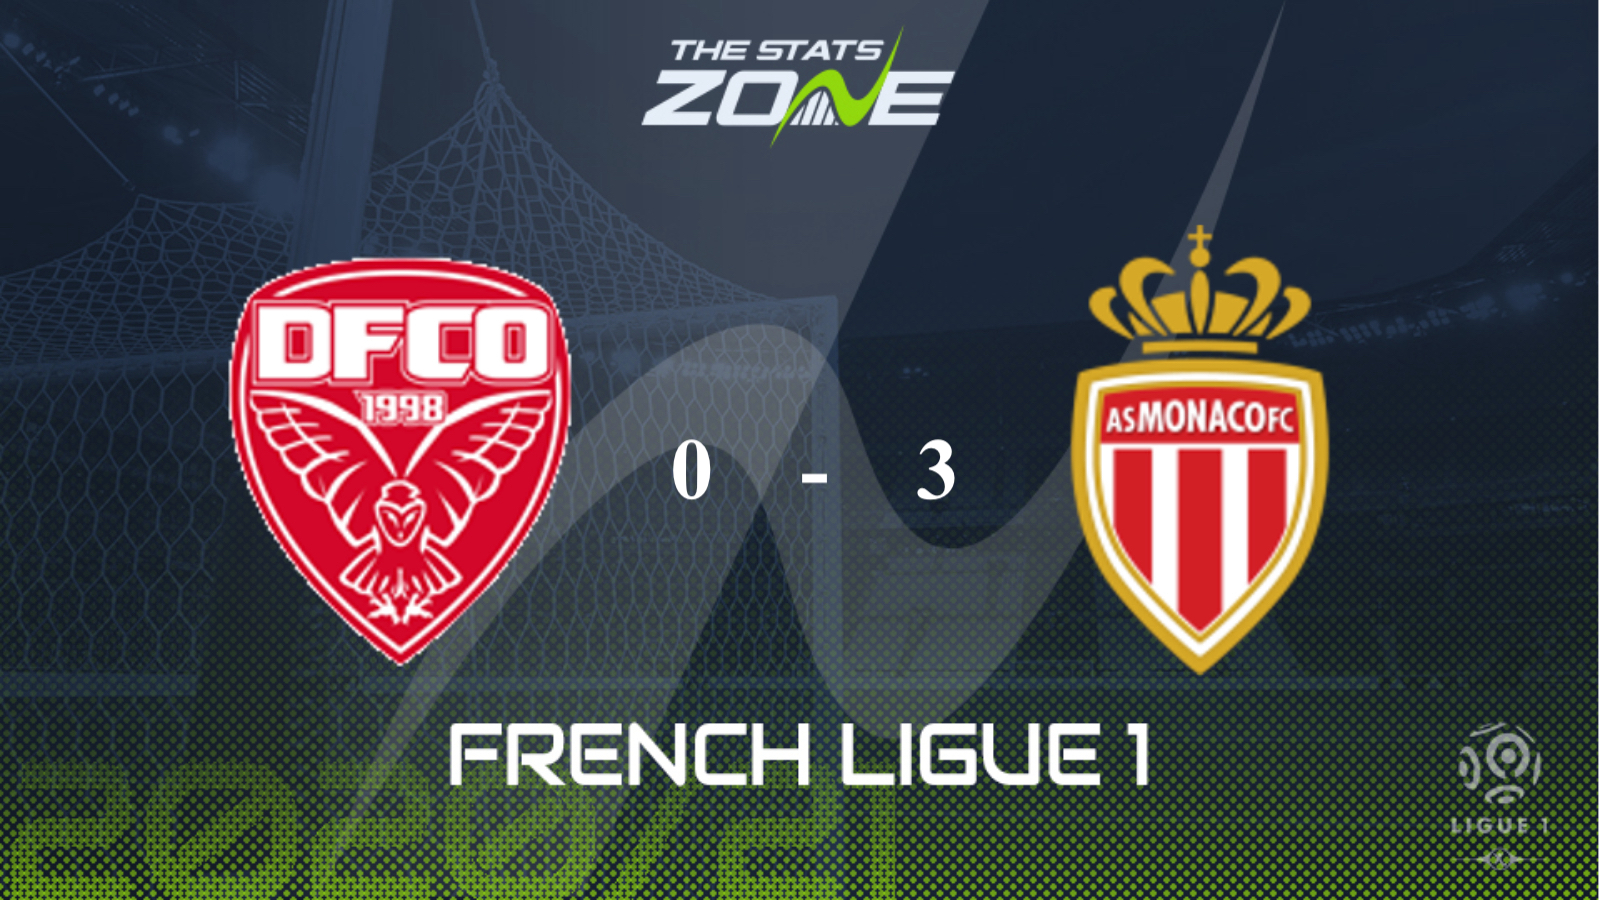 Monaco thắng đậm tỷ số 3-0 trước Dijon